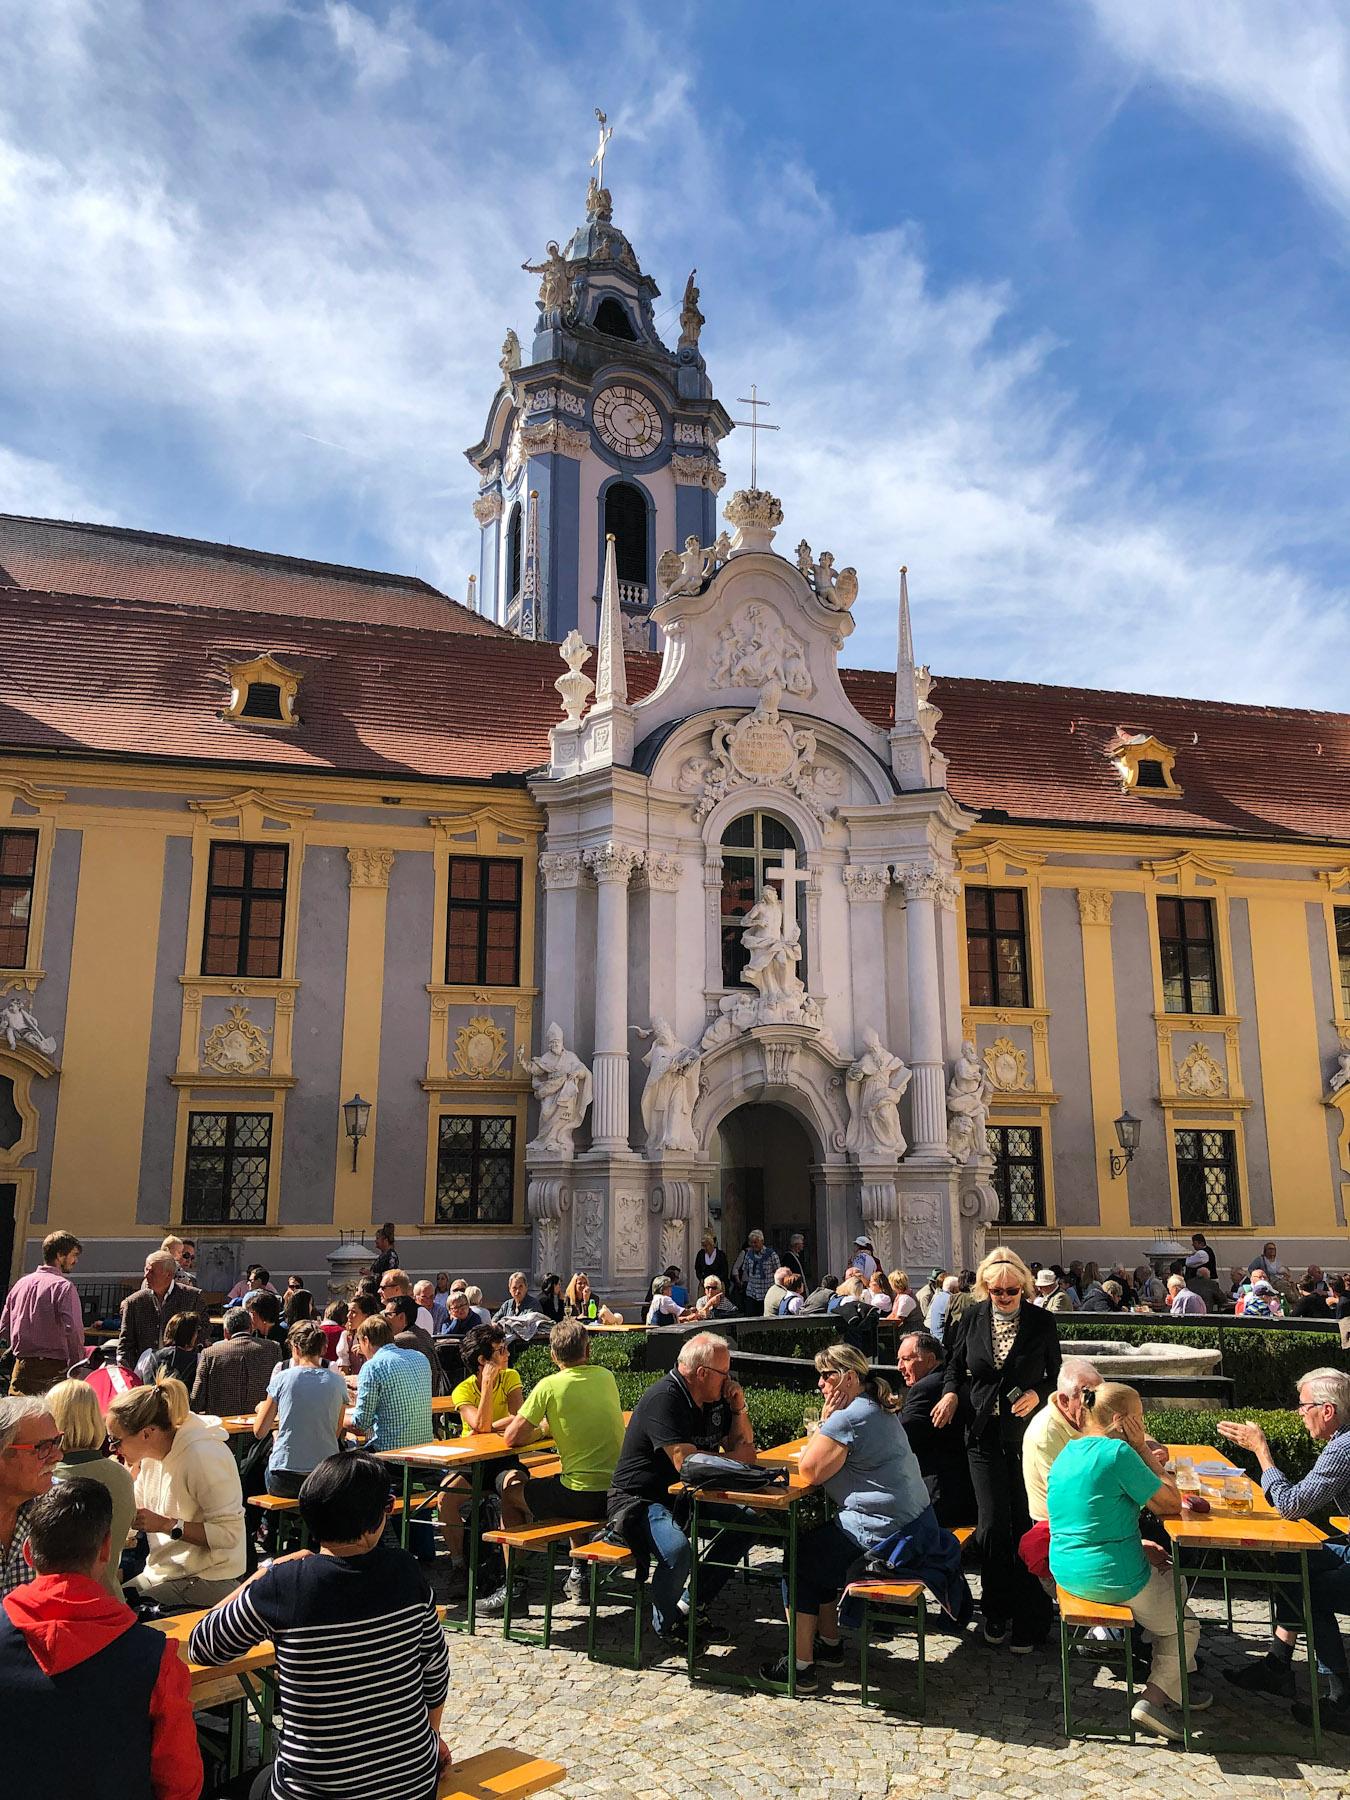 Stift Dürnstein Festival, Dürnstein, Wachau, Austria